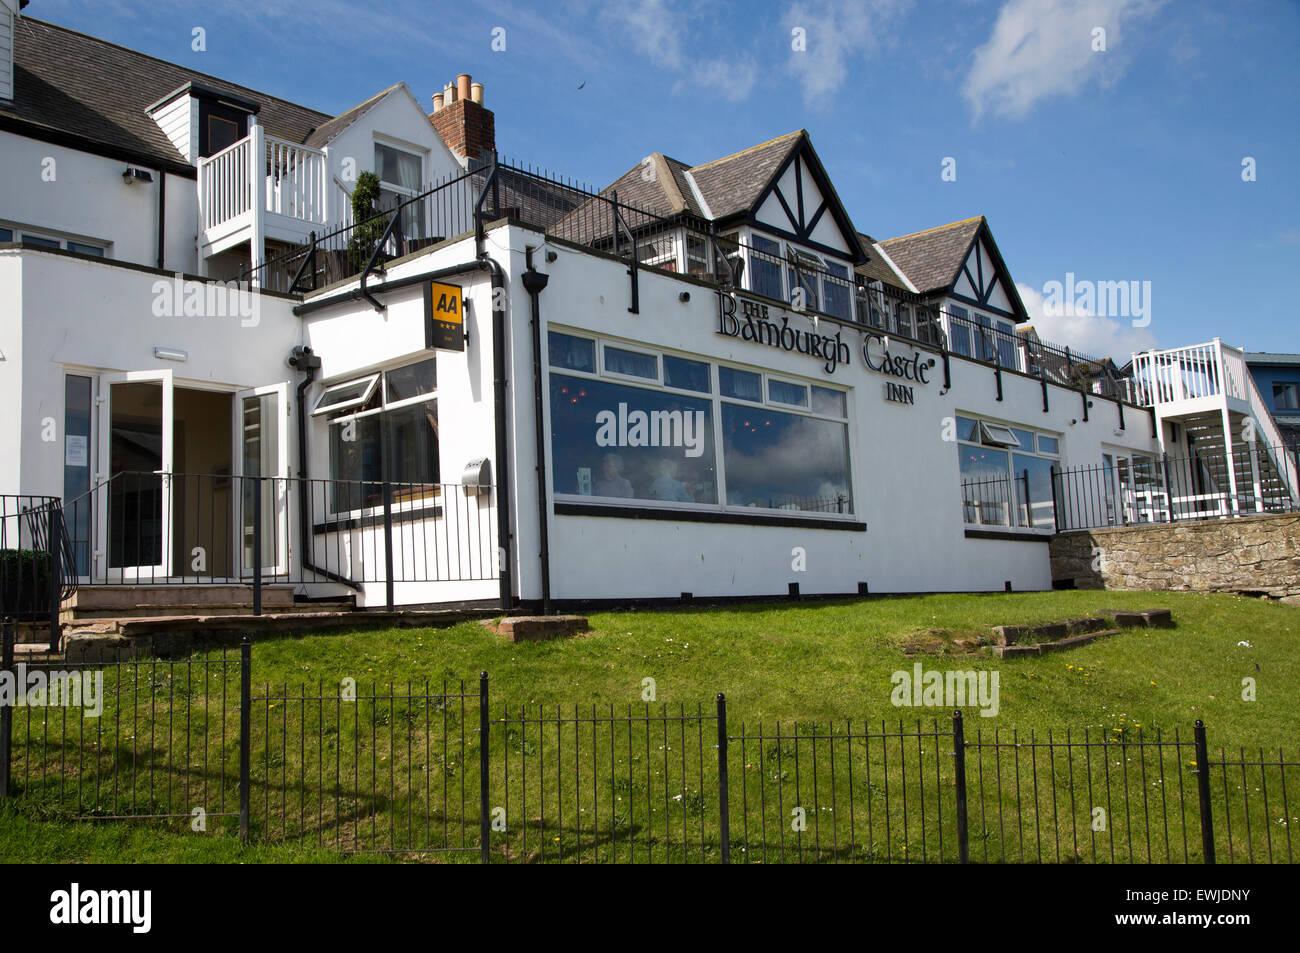 Bamburgh Castle Inn hotel, Seahouses, Northumberland, England, UK - Stock Image